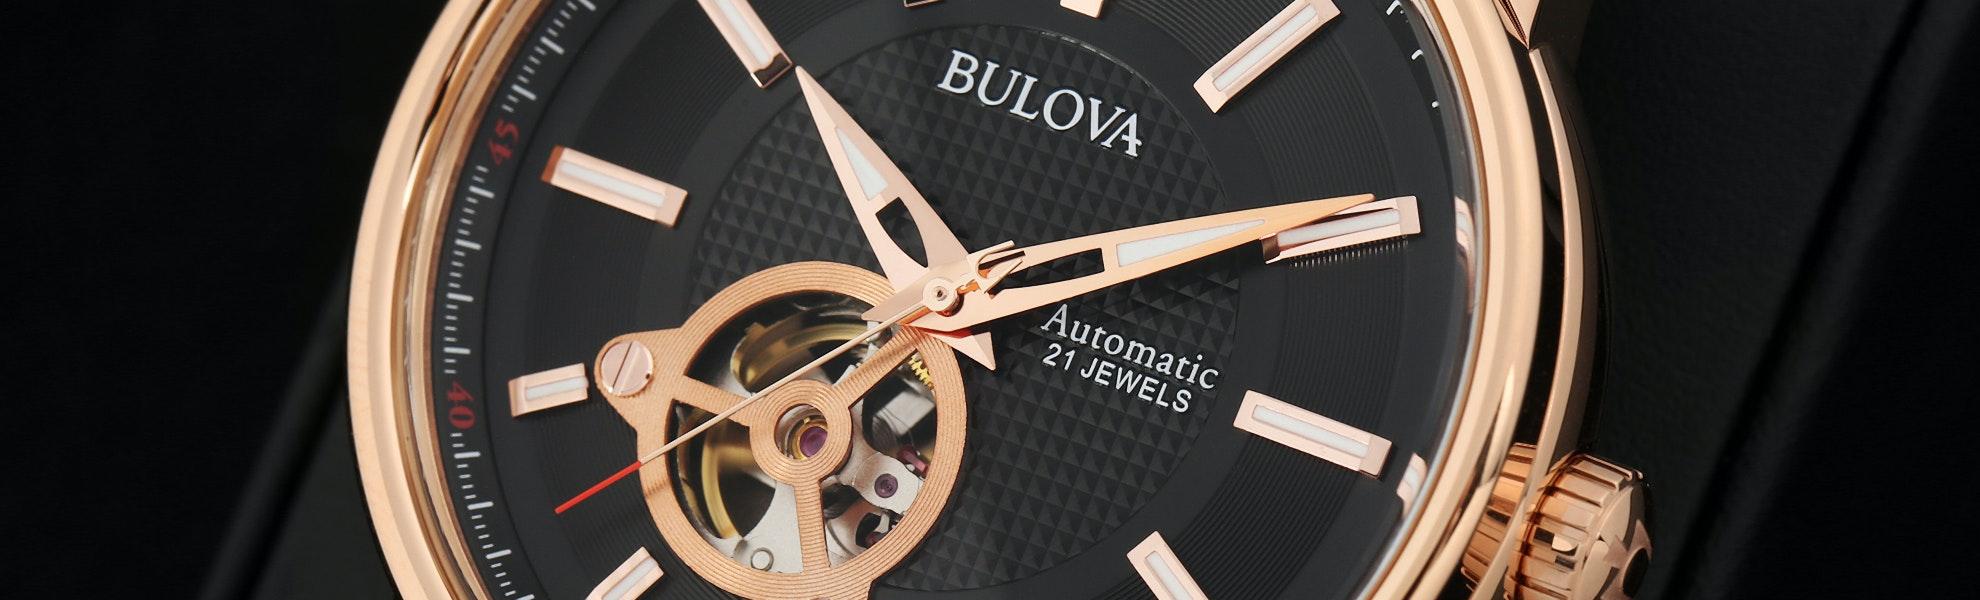 Bulova Automatic Watch